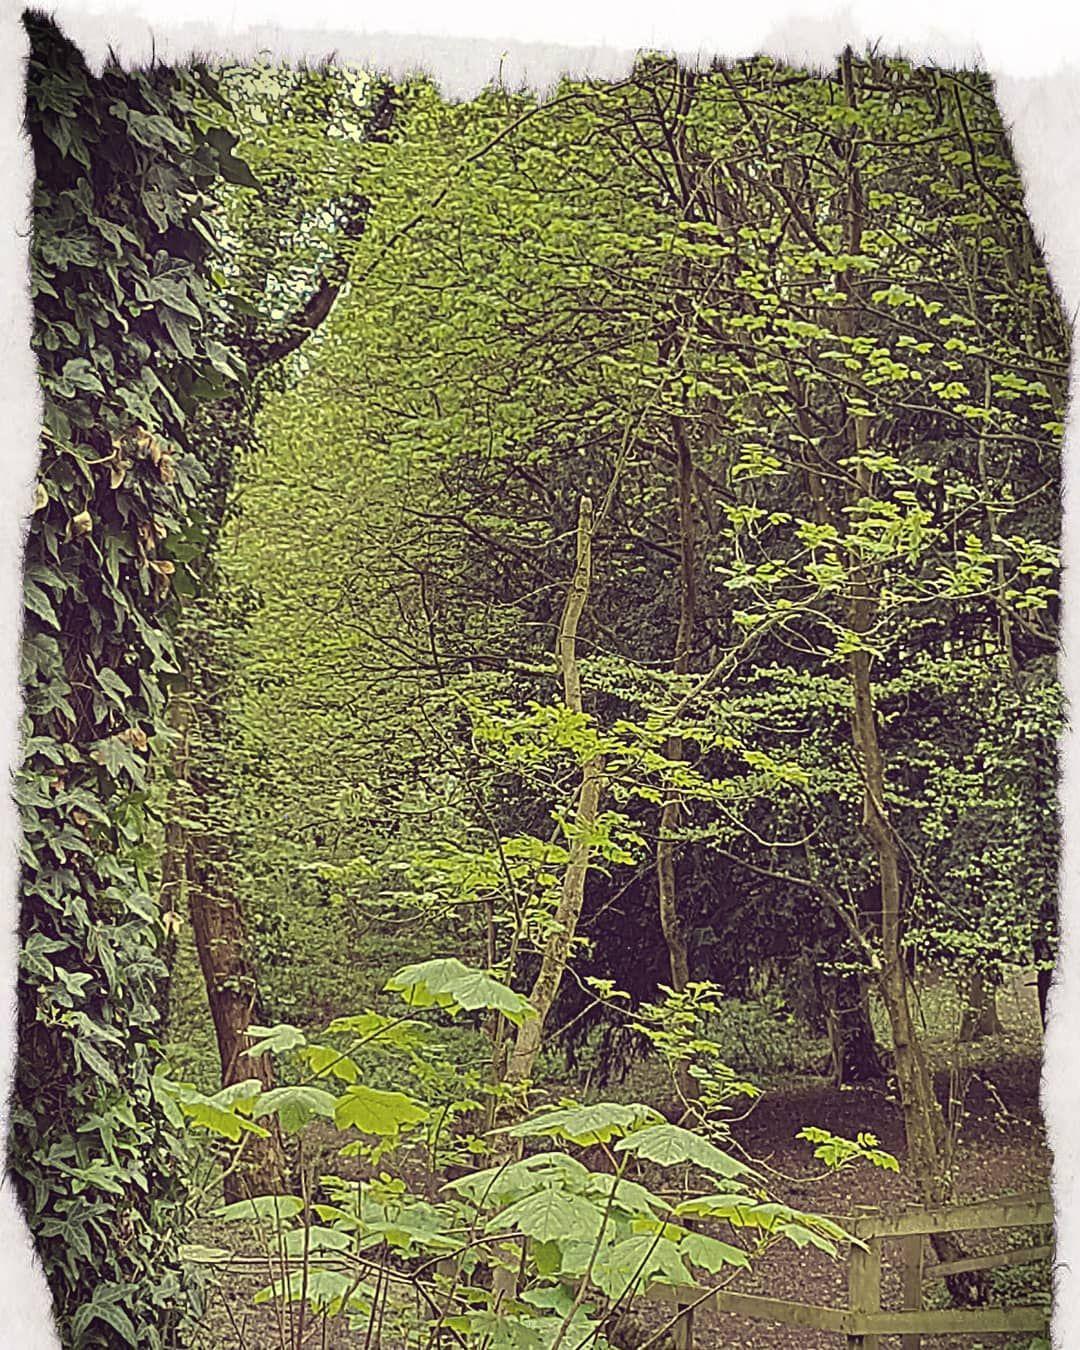 Shipley Park Trees Tree Photography Photo Amateurphotography